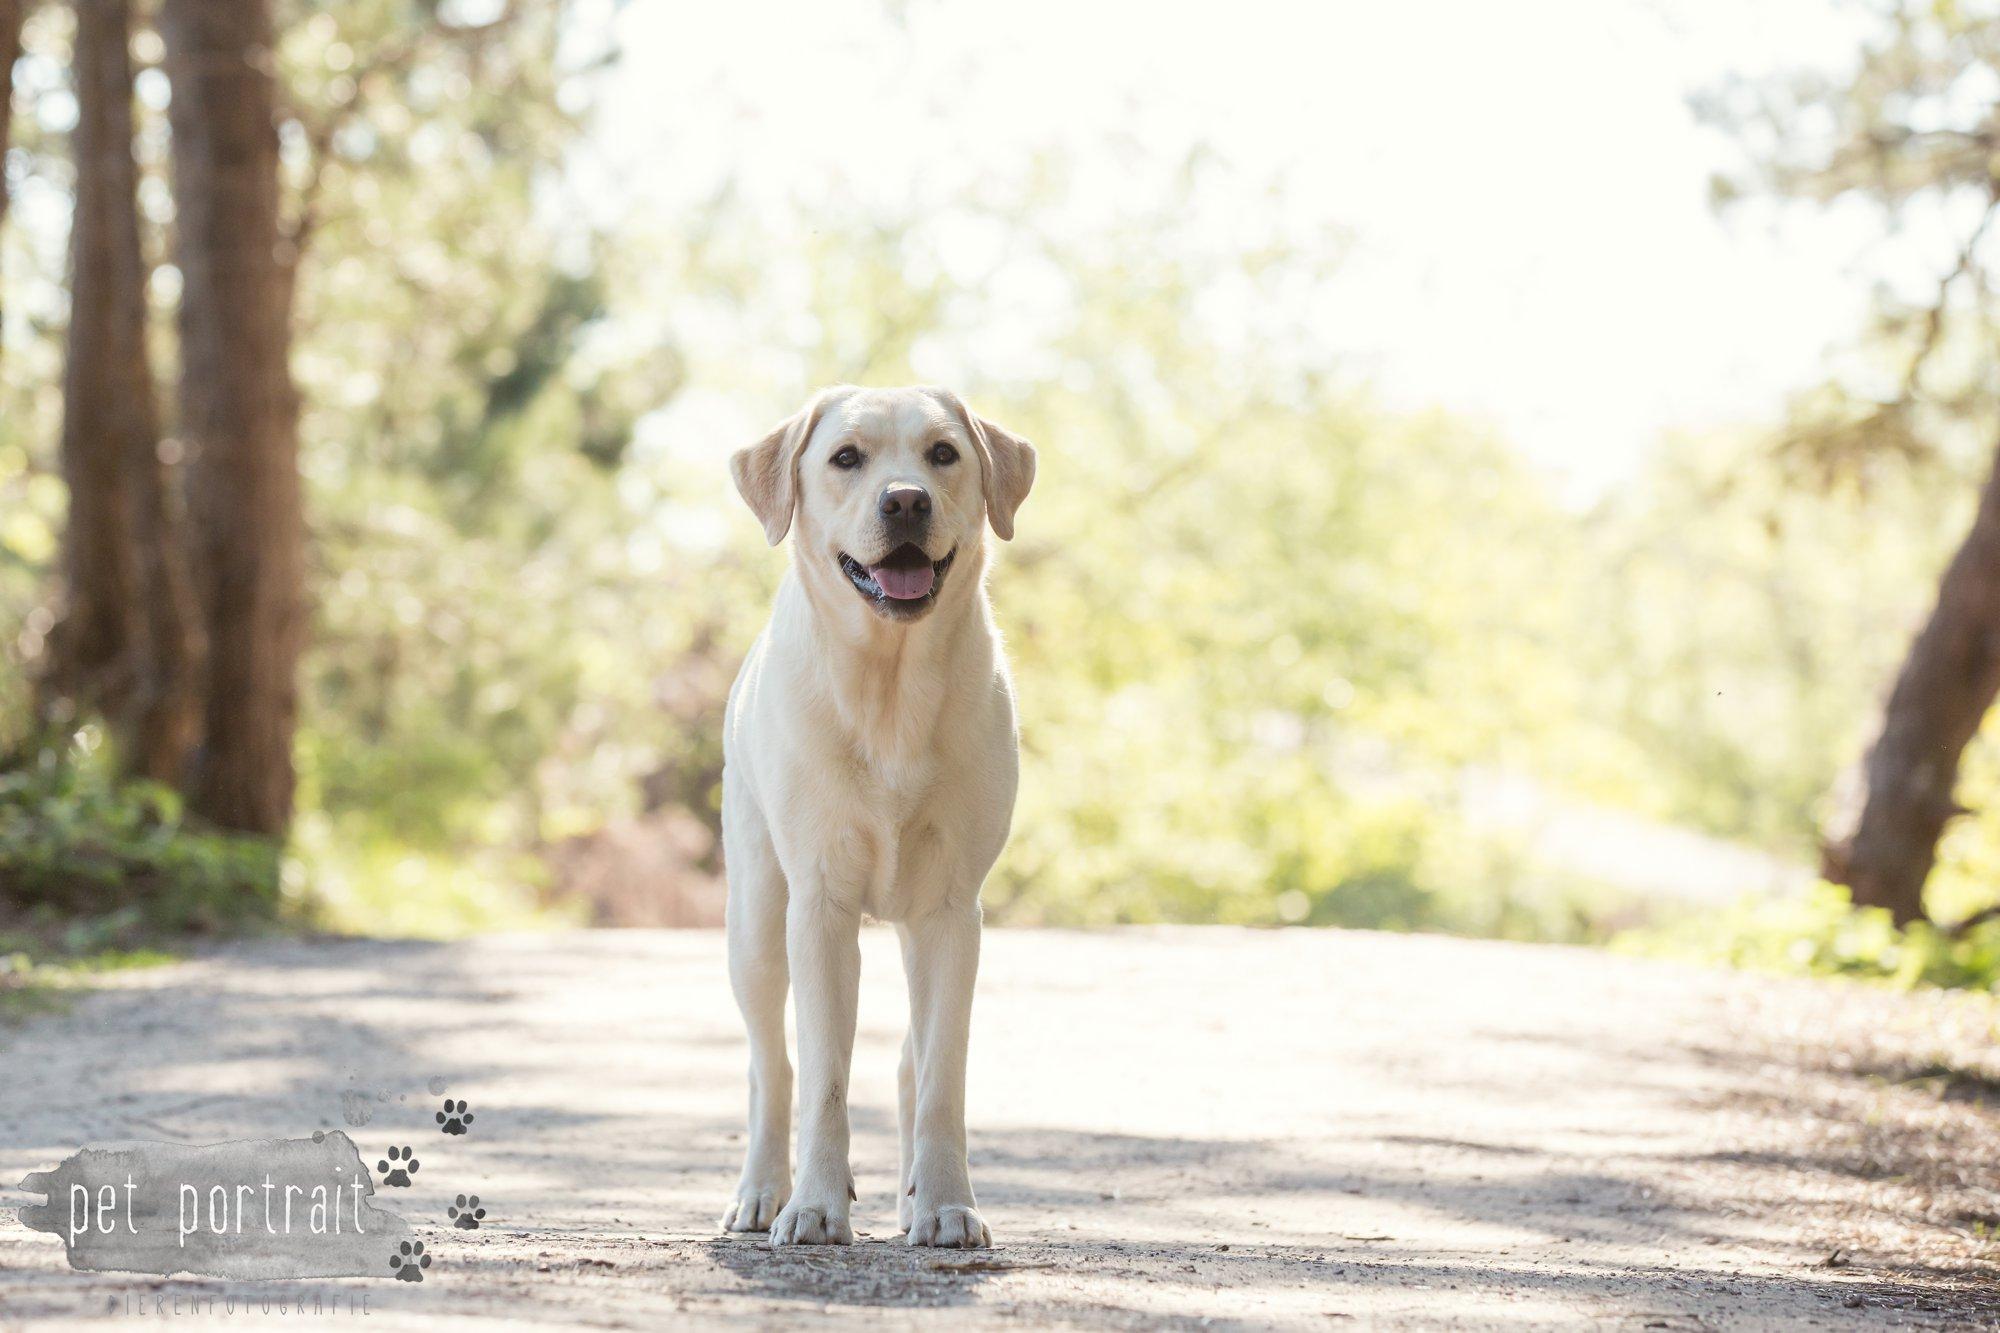 Hondenfotograaf Wassenaar - Beloved Dier en Baasje fotoshoot in de duinen-13